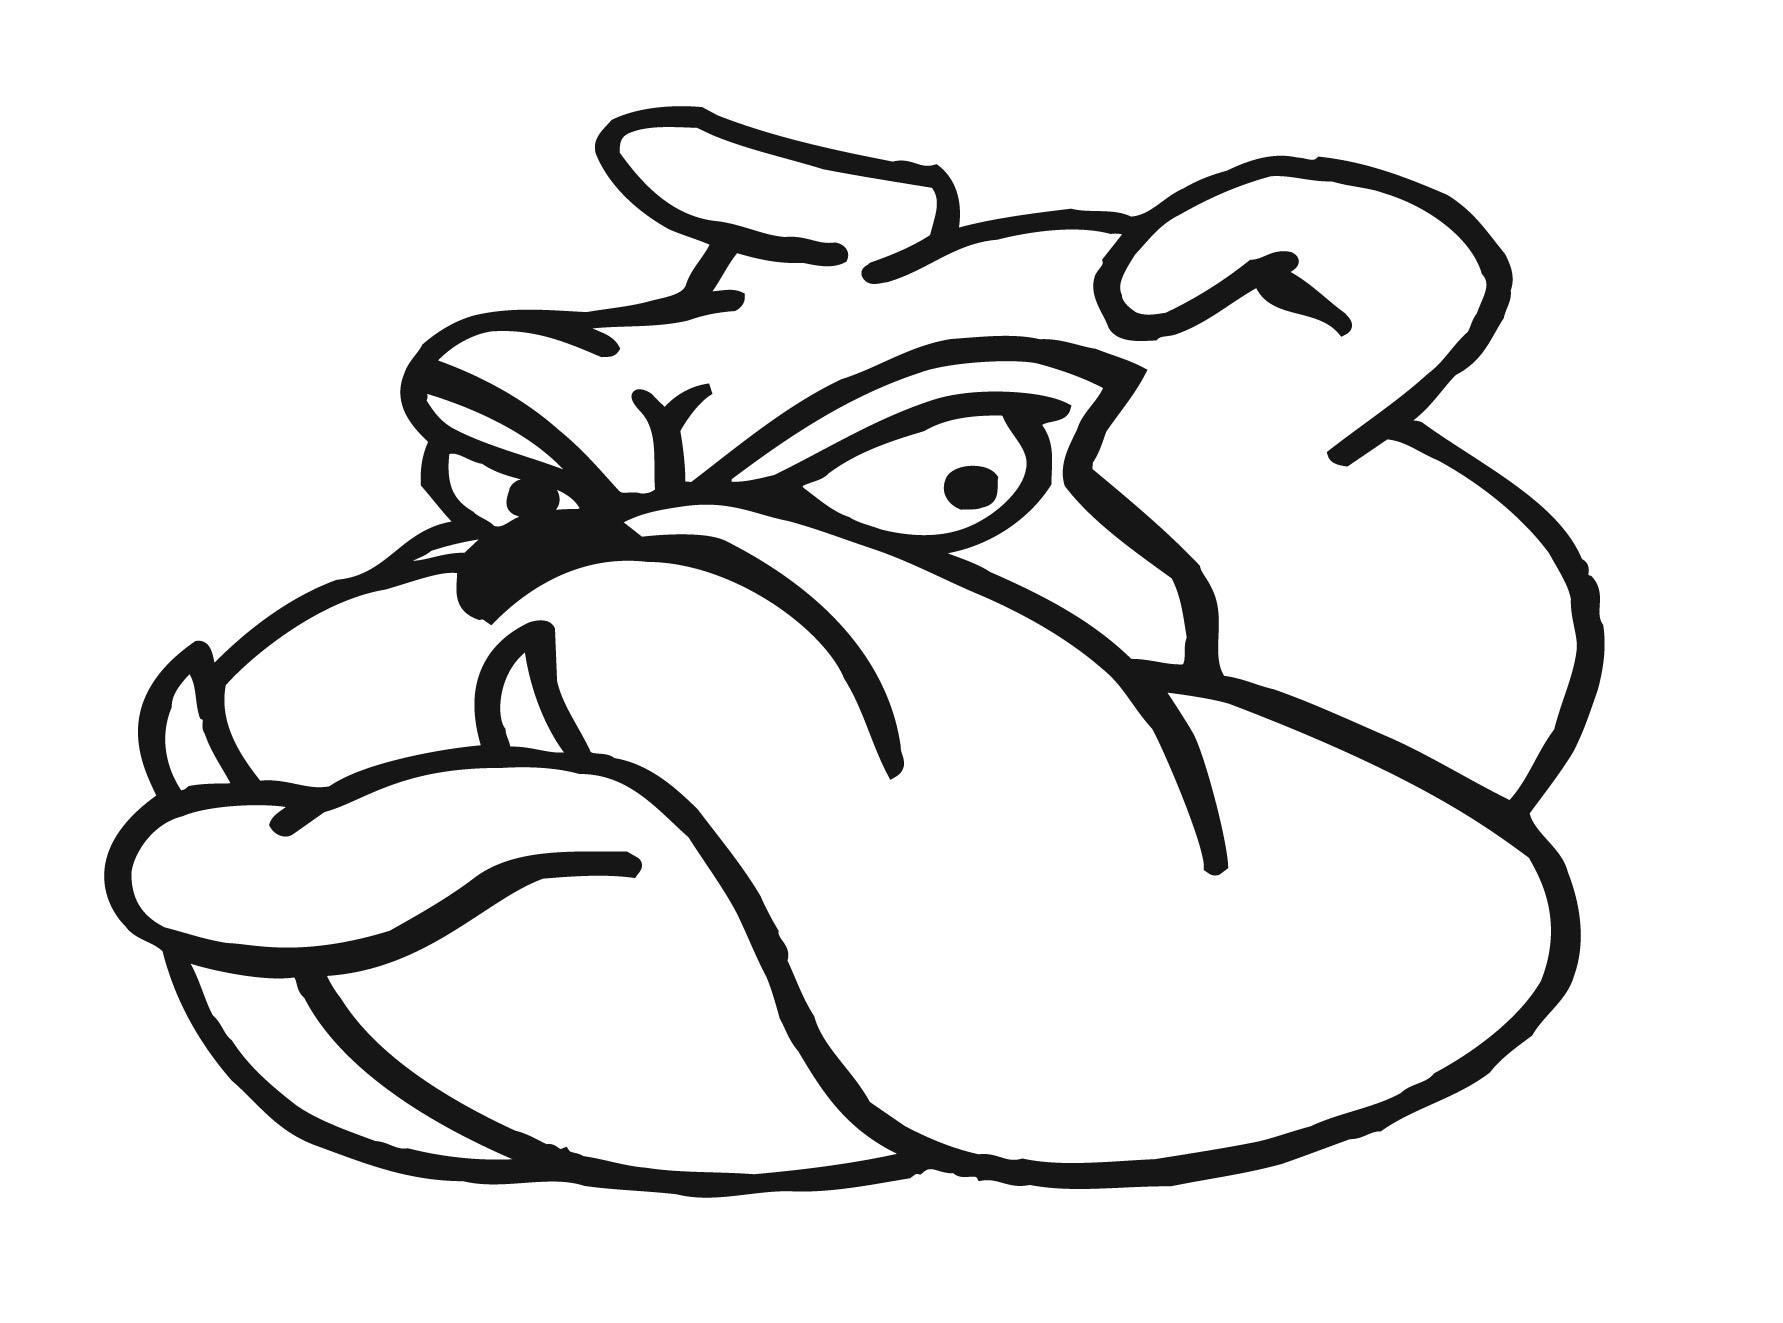 1783x1323 Drawing Of A Bulldog